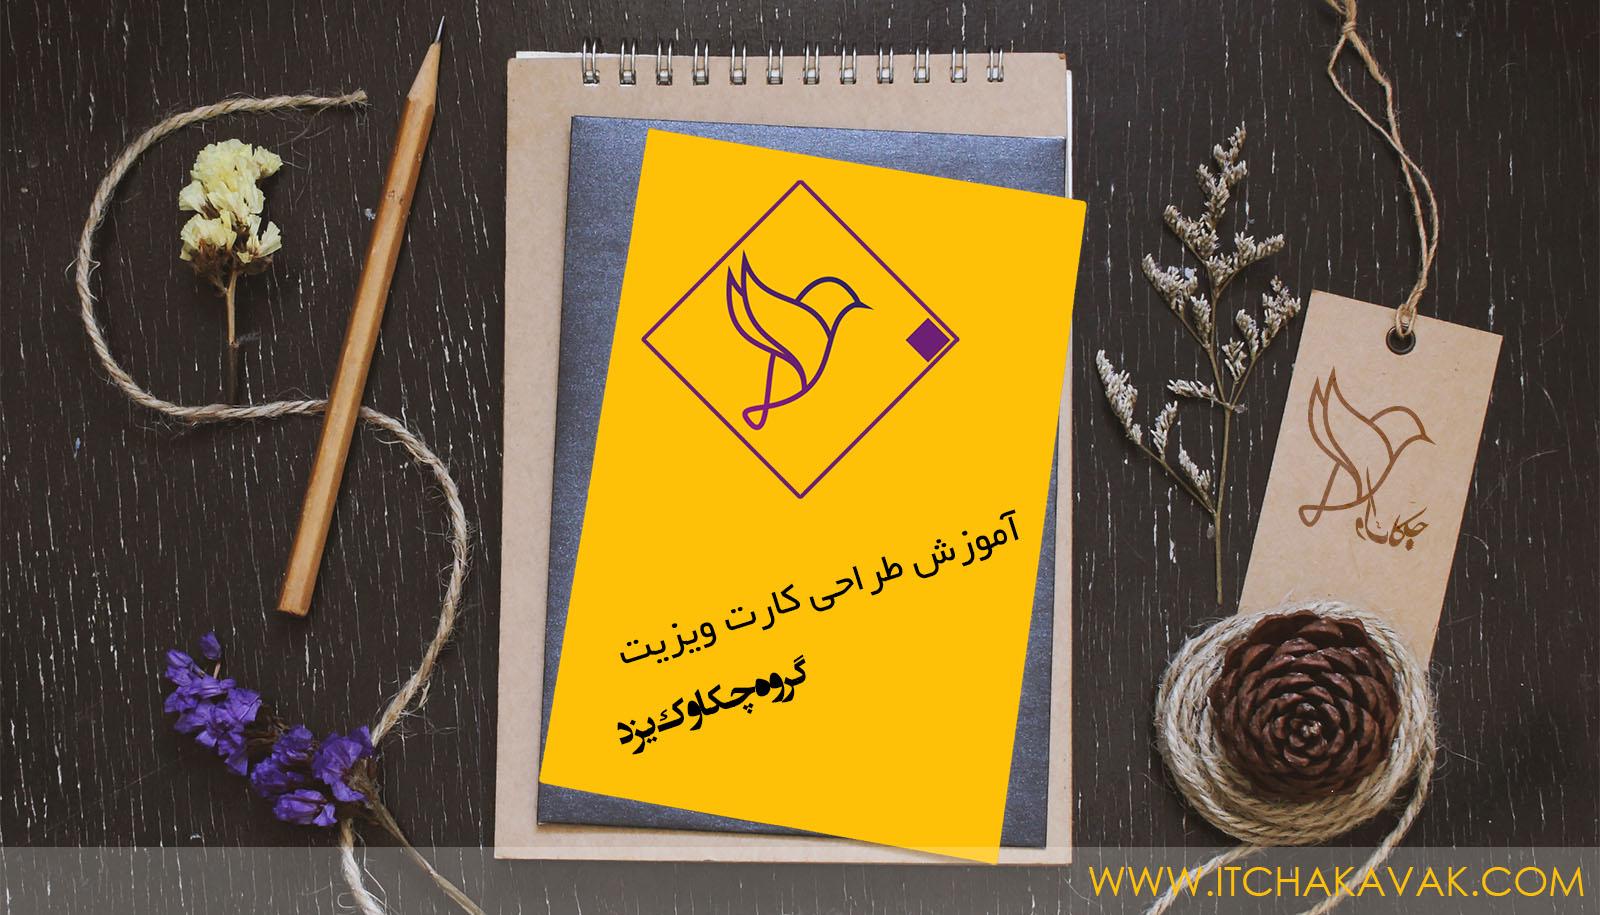 دوره آموزشی طراحی کارت ویزیت در یزد